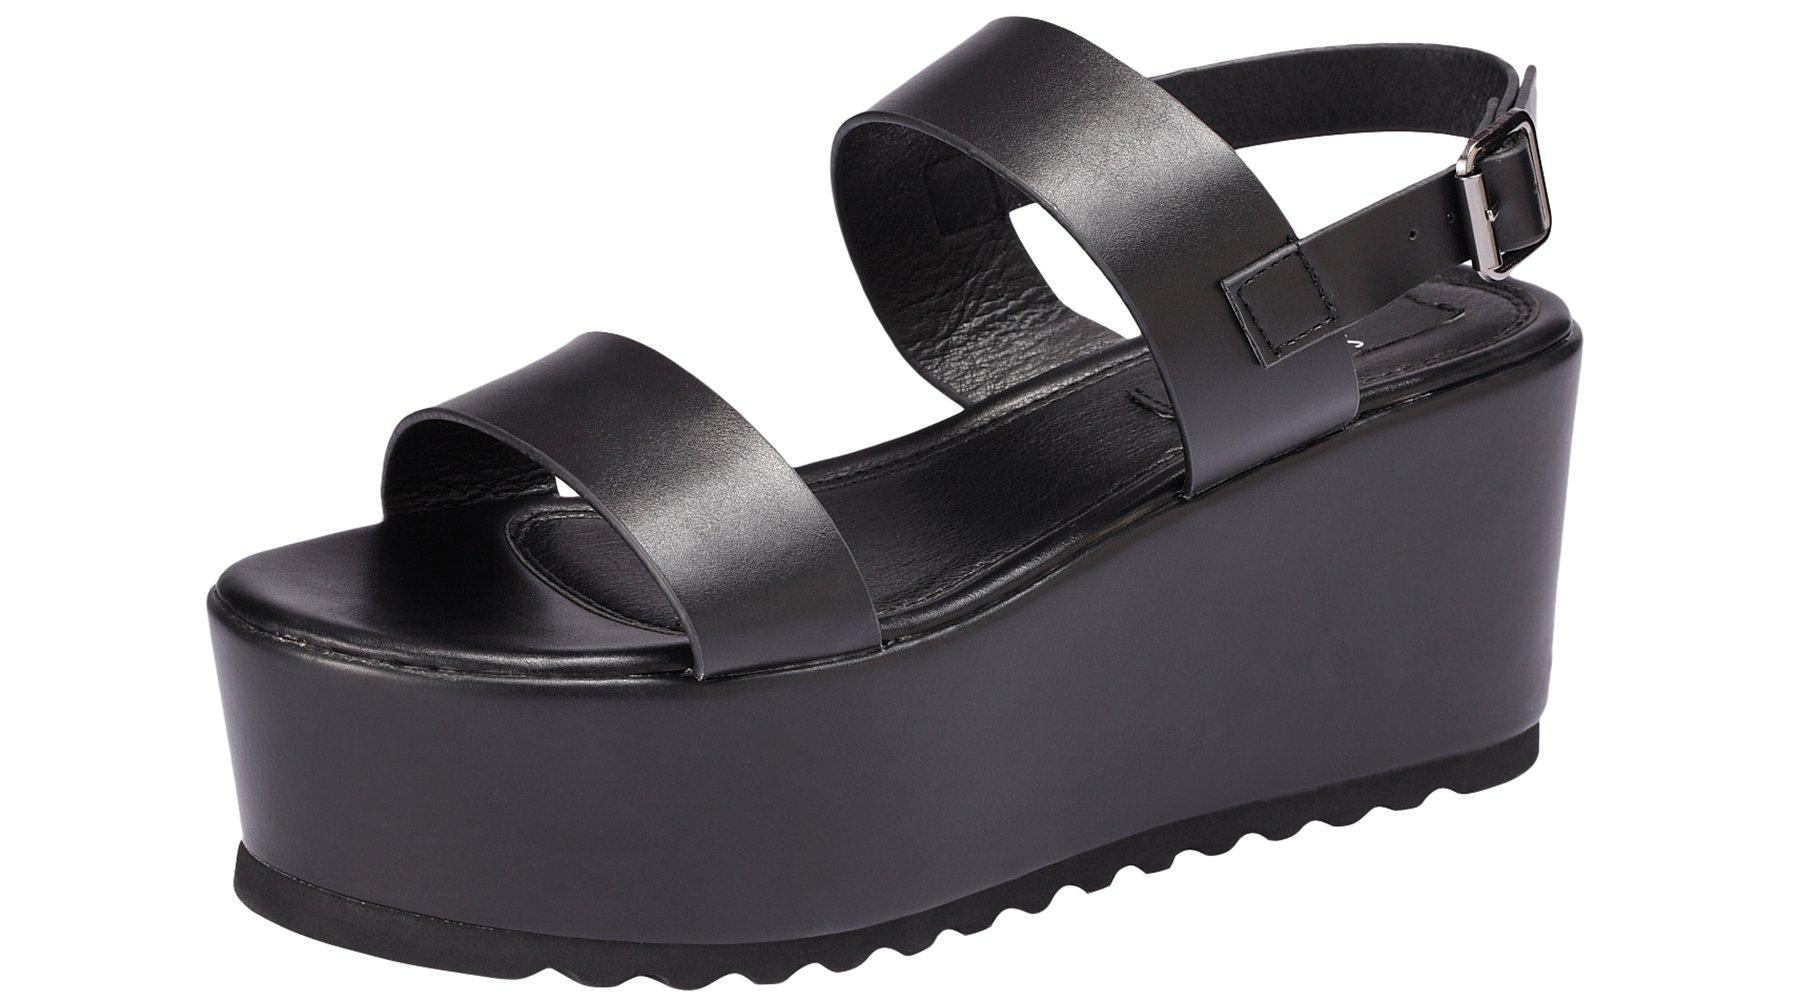 Sofree Women's Platform Open Toe Ankle Strap Heeled Wedge Platform Sandal (8, Black)